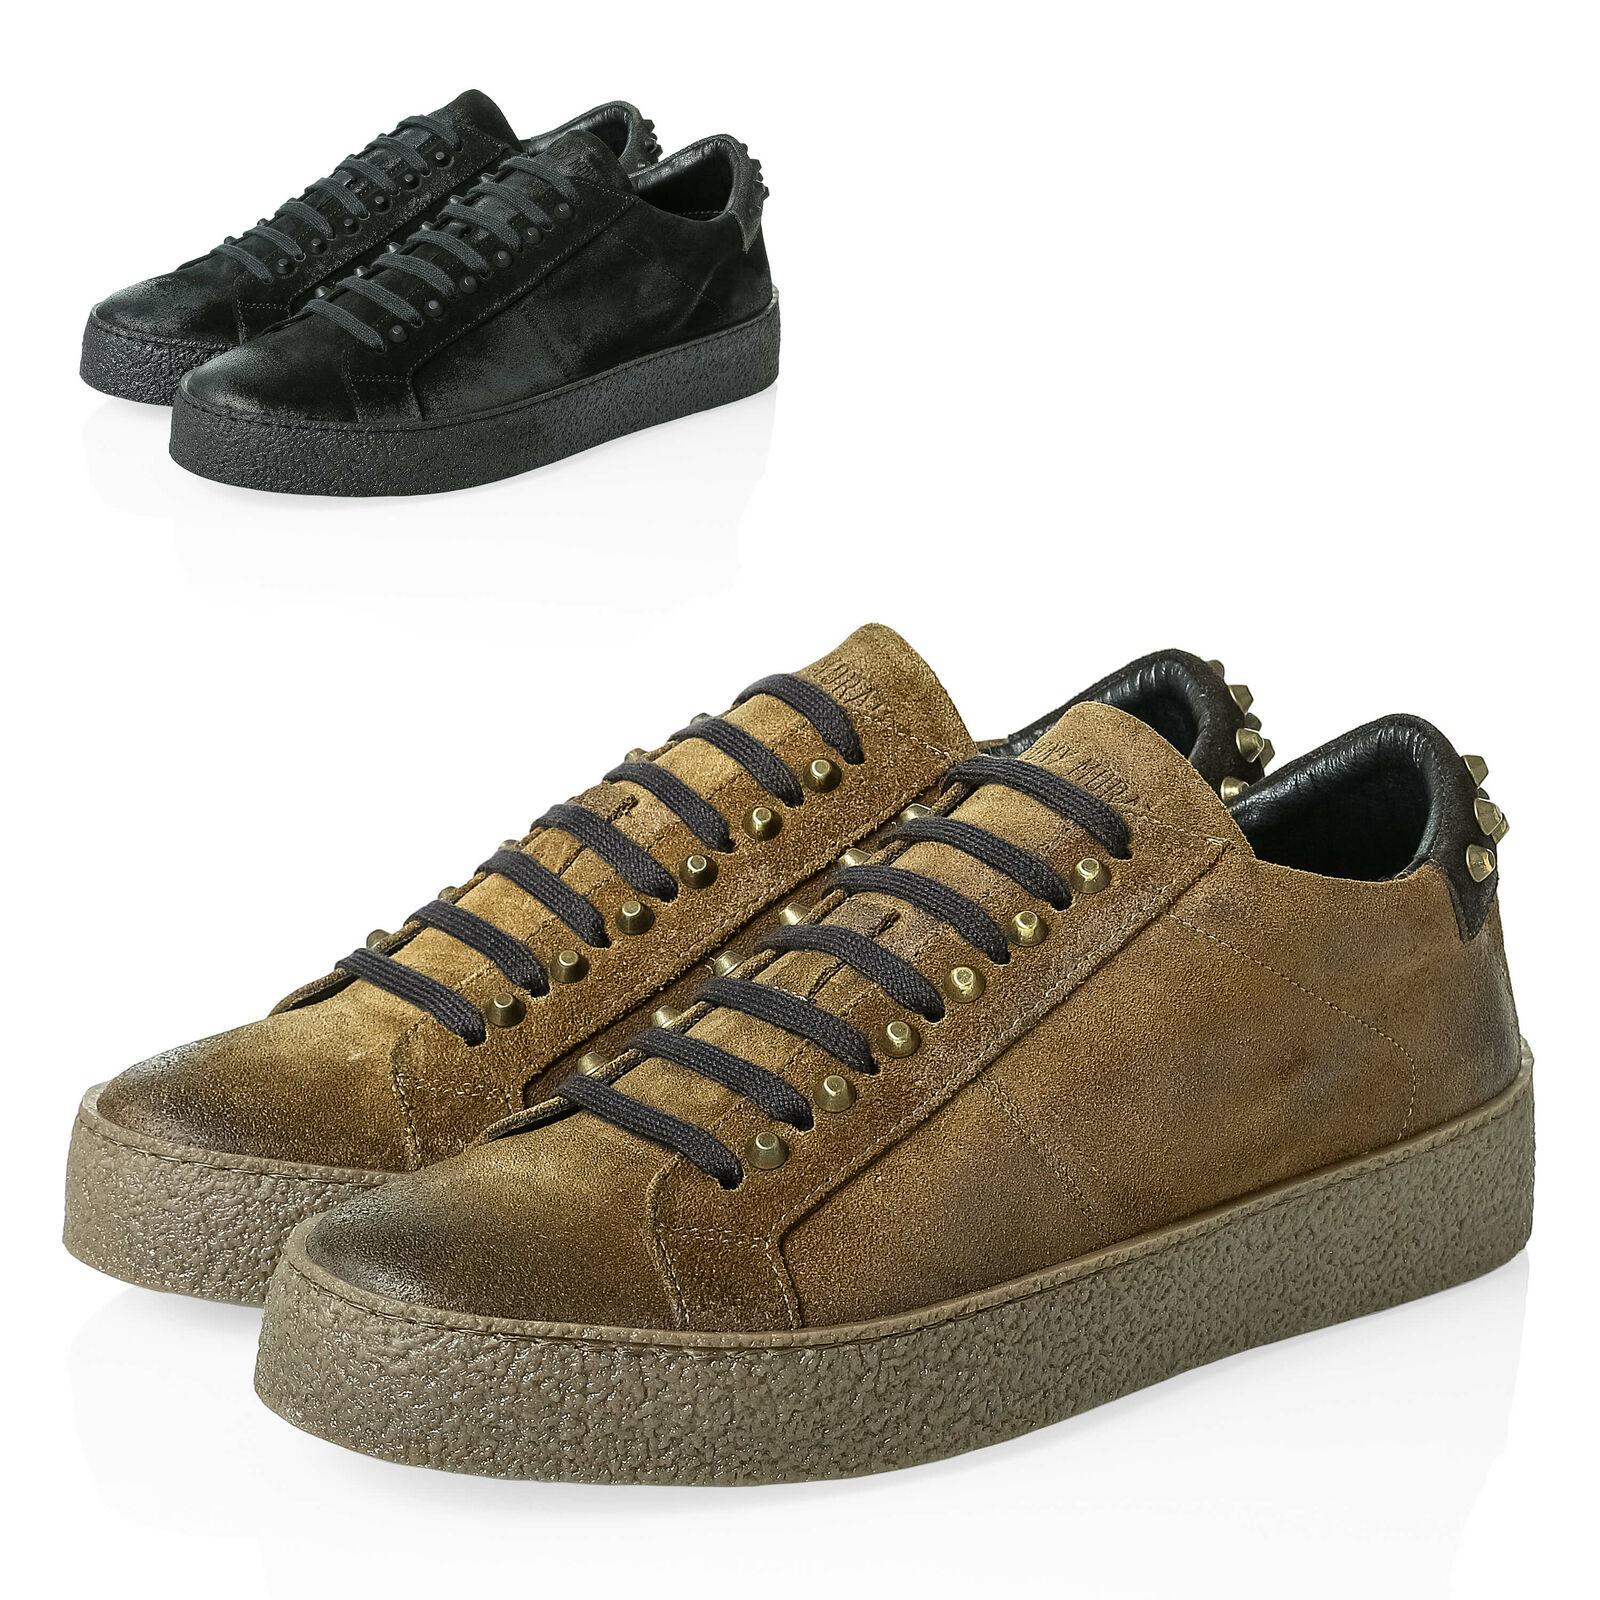 Turnschuhe Herren Morato Antony Low Top Schuhe Lederschuhe